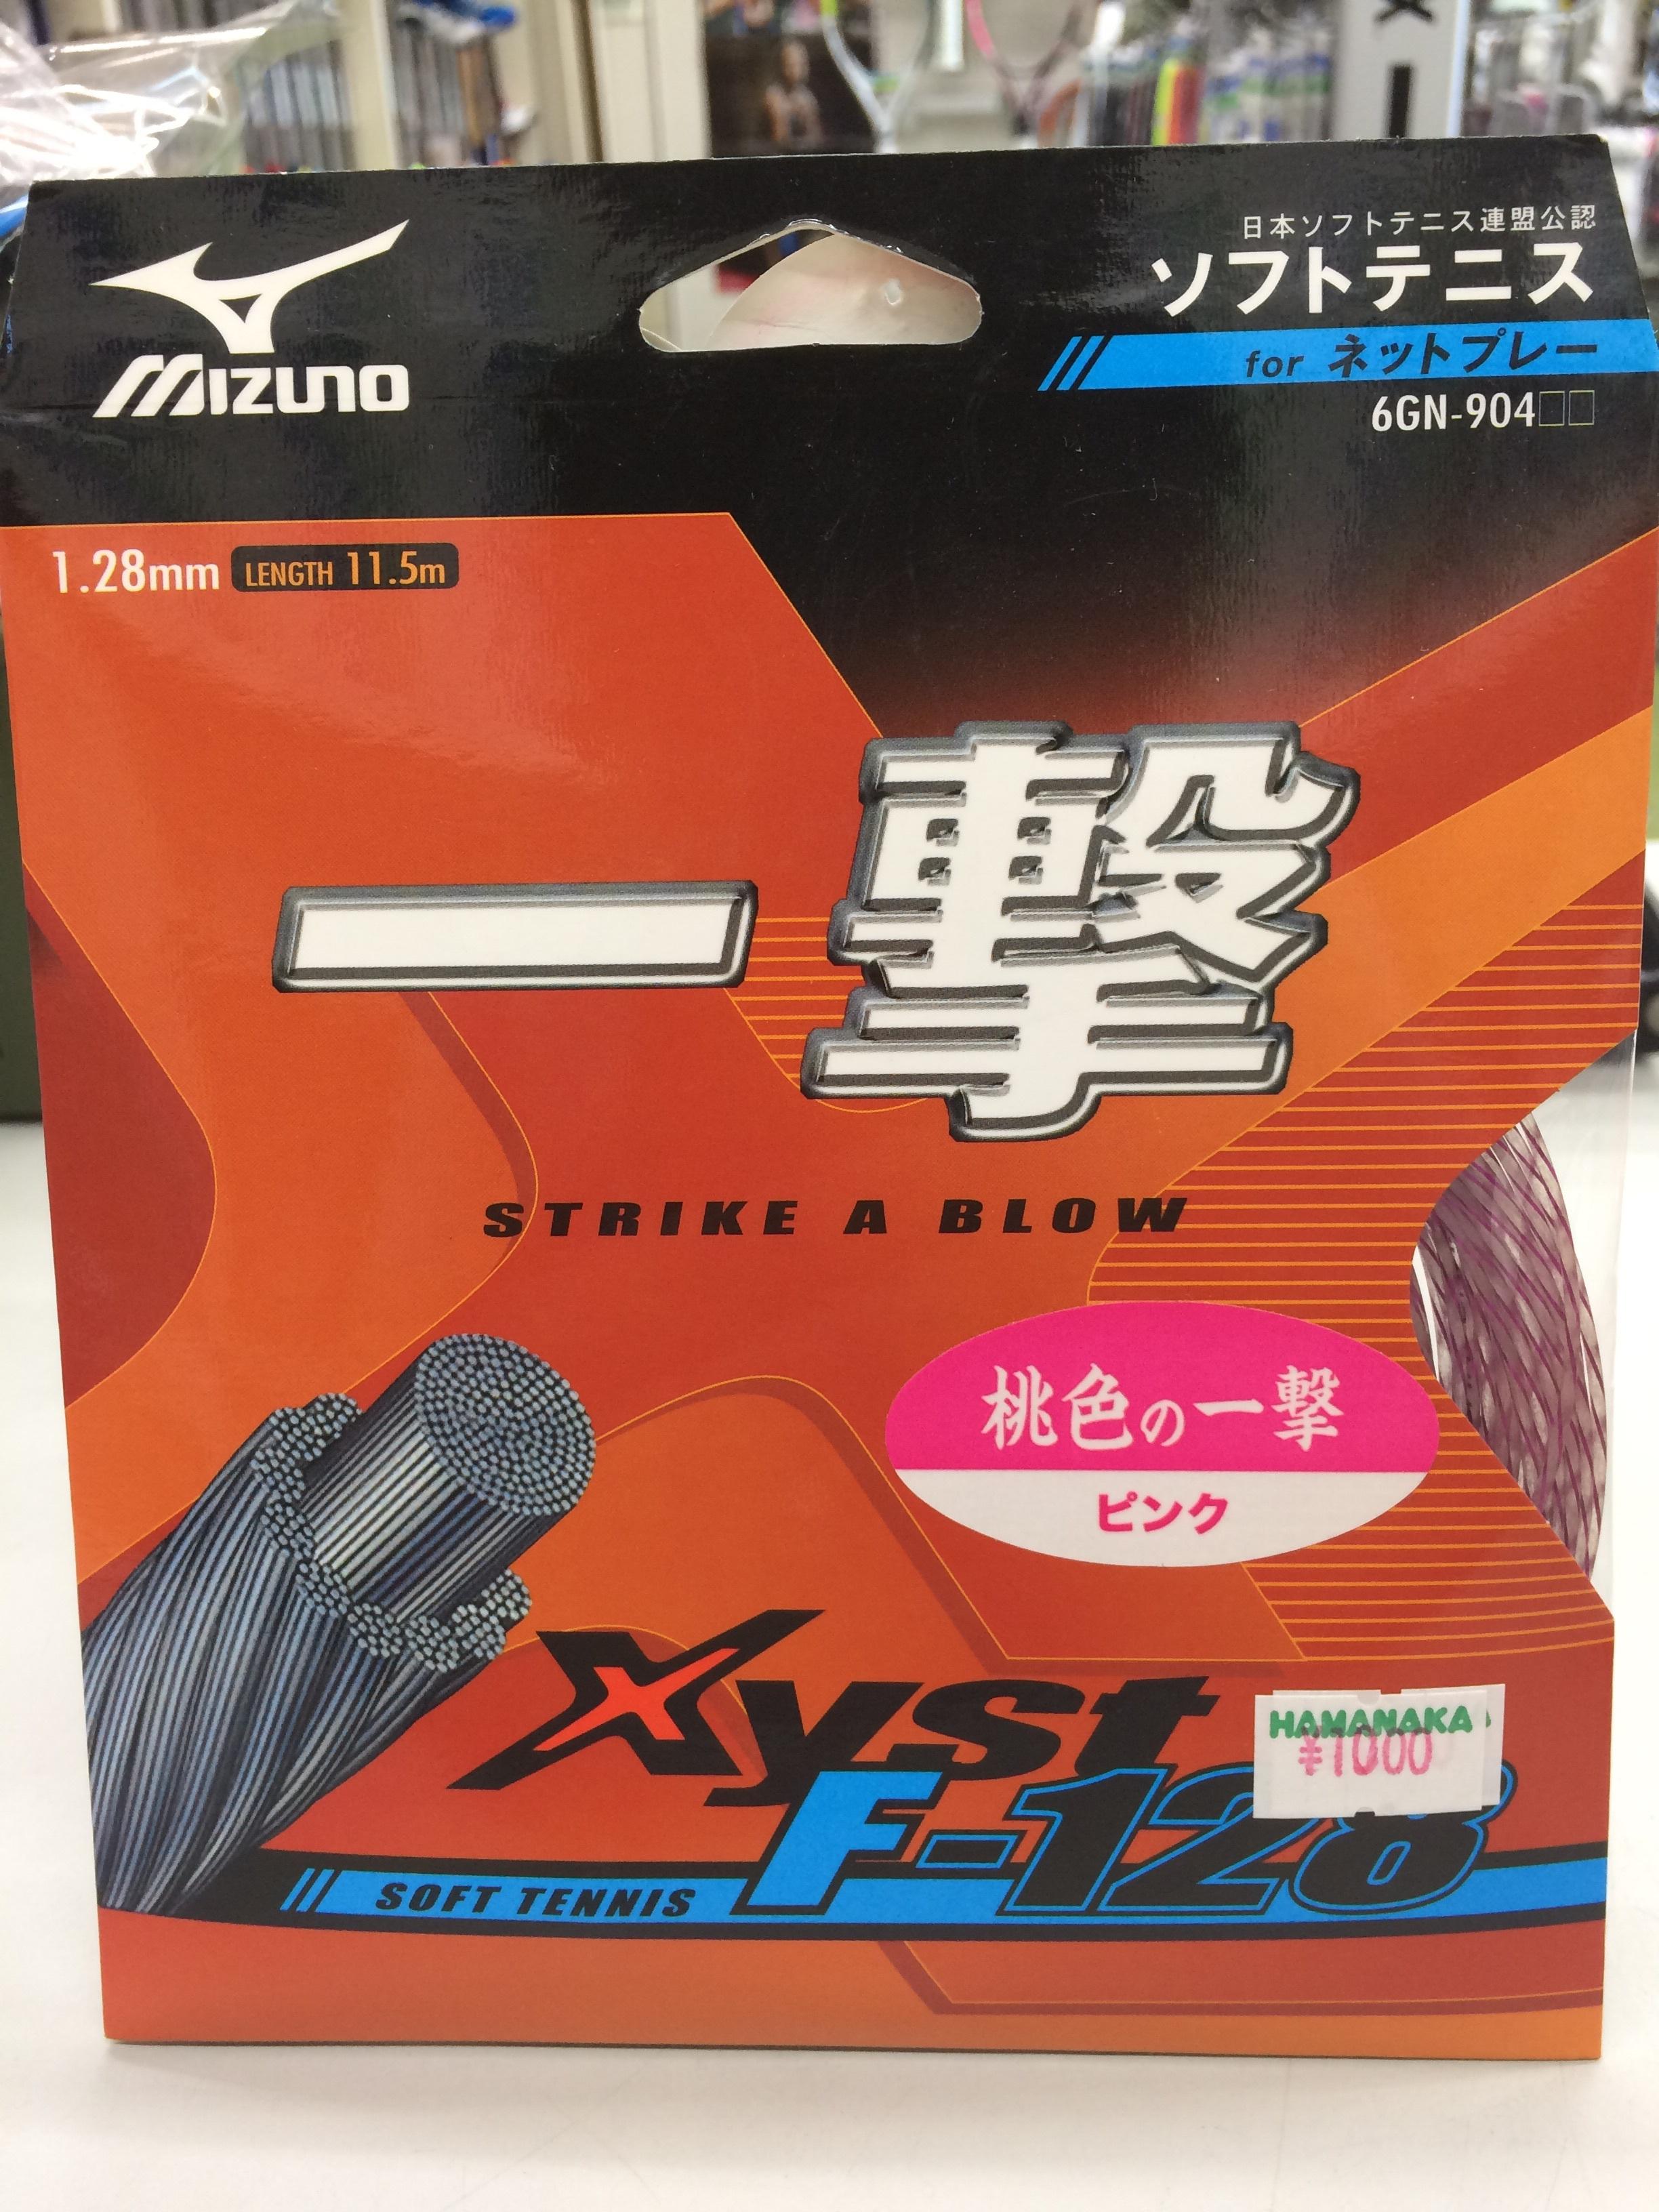 ミズノ 一撃 xyst F-128 - 画像1